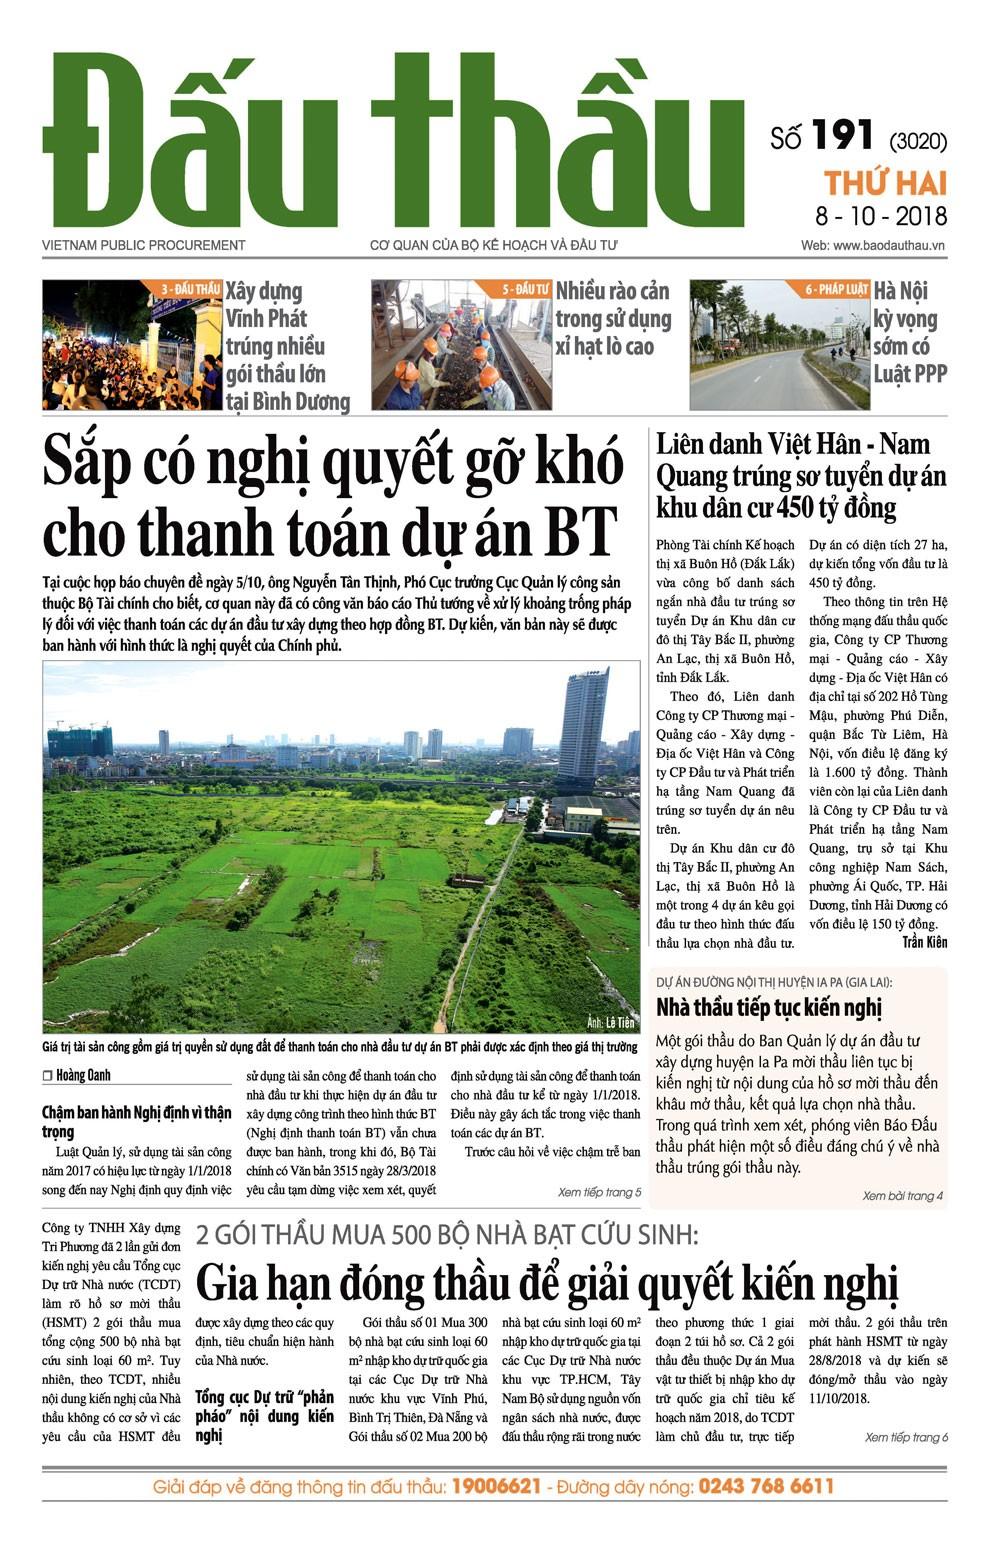 Báo Đấu thầu số 191 ra ngày 8/10/2018